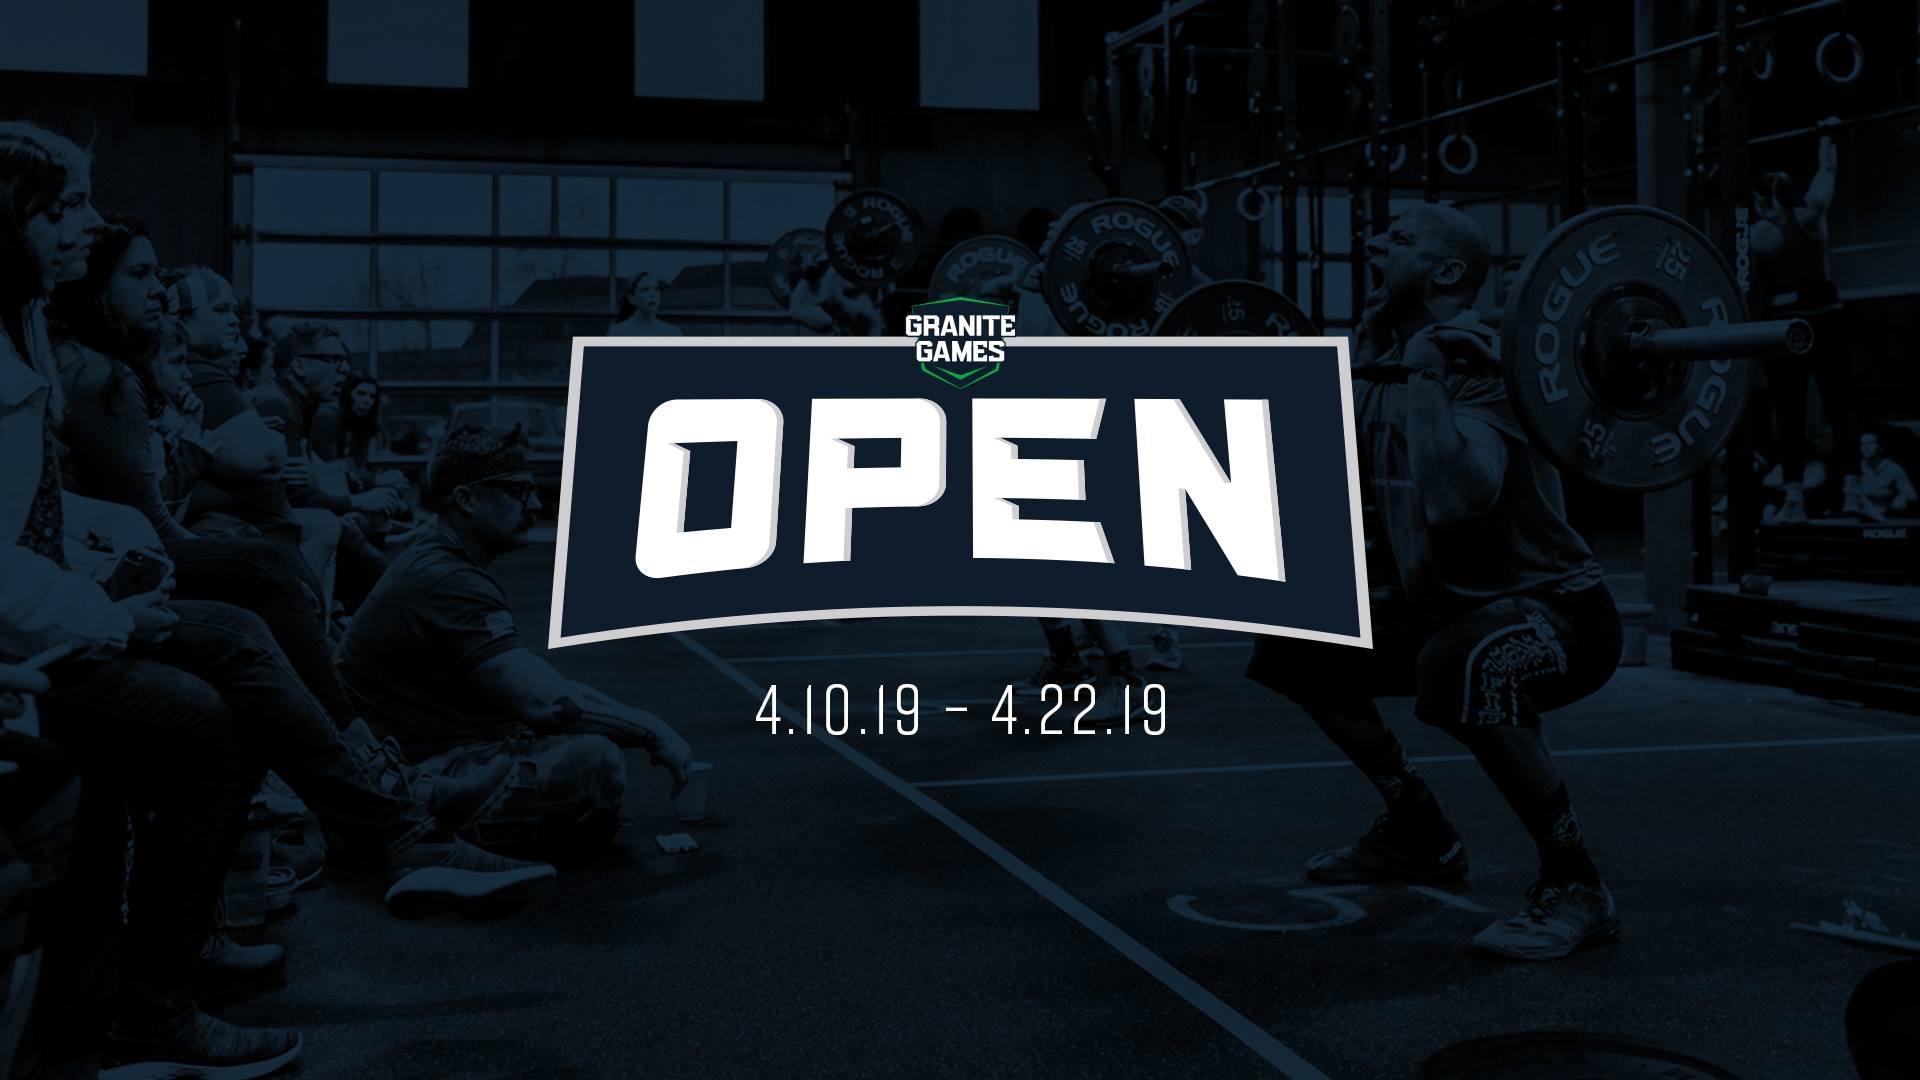 GG open.JPG